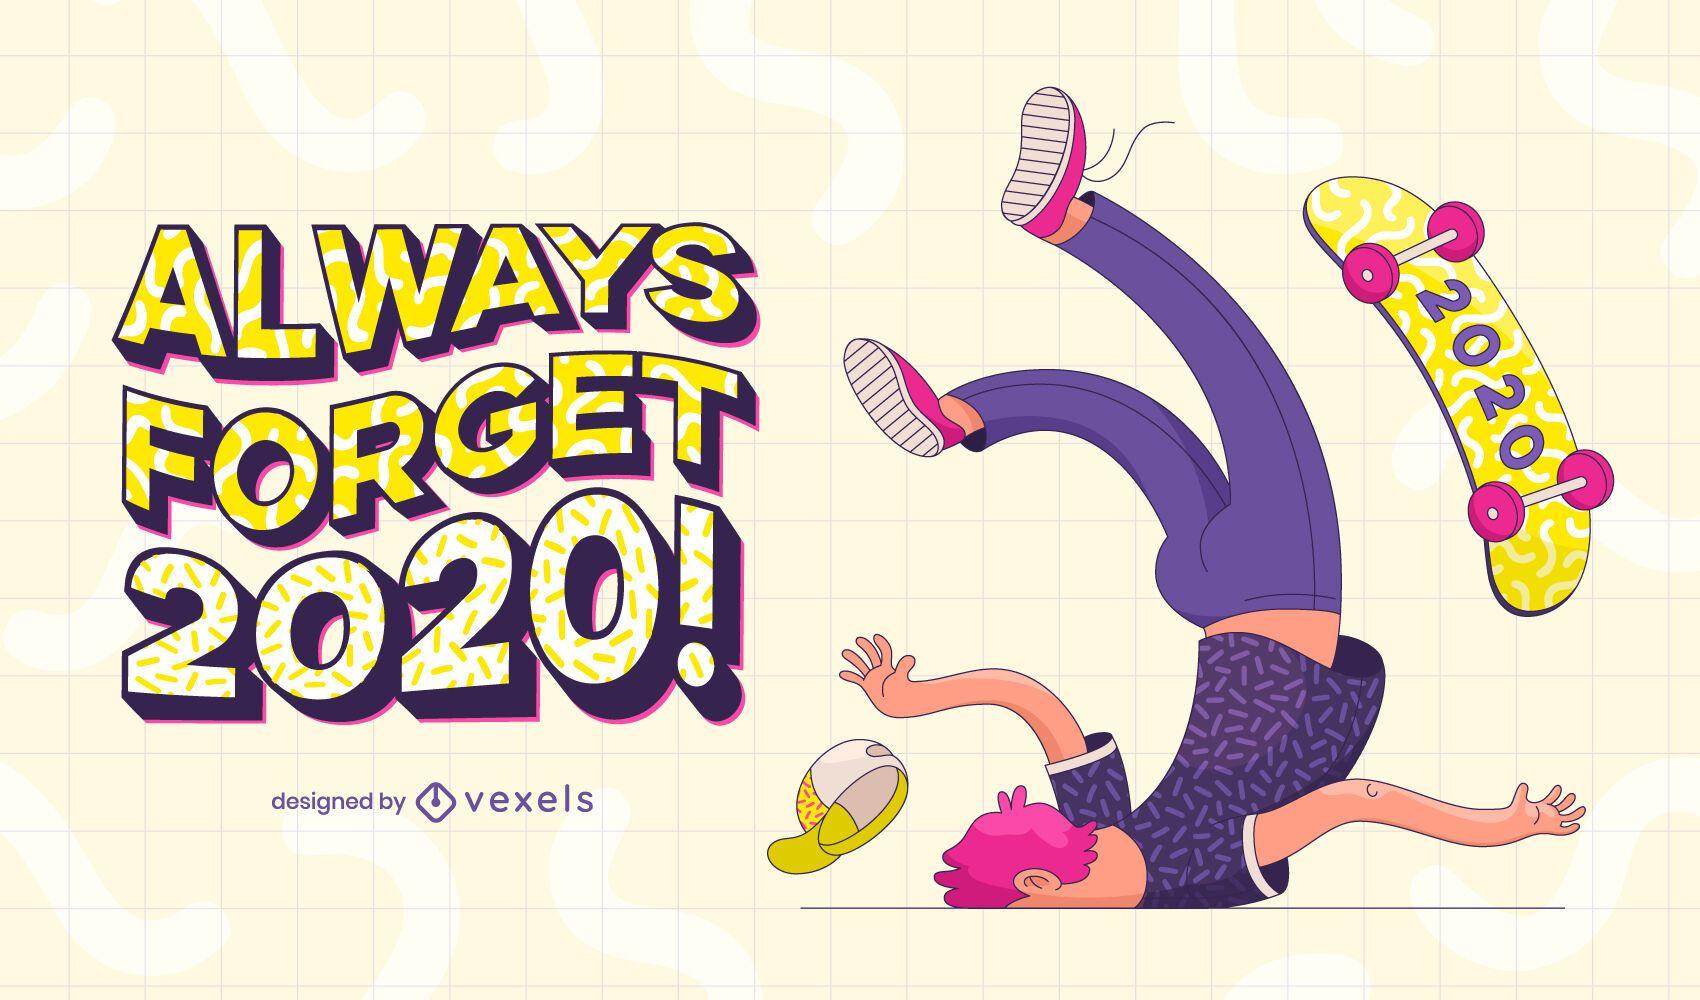 Always forget 2020 illustration design